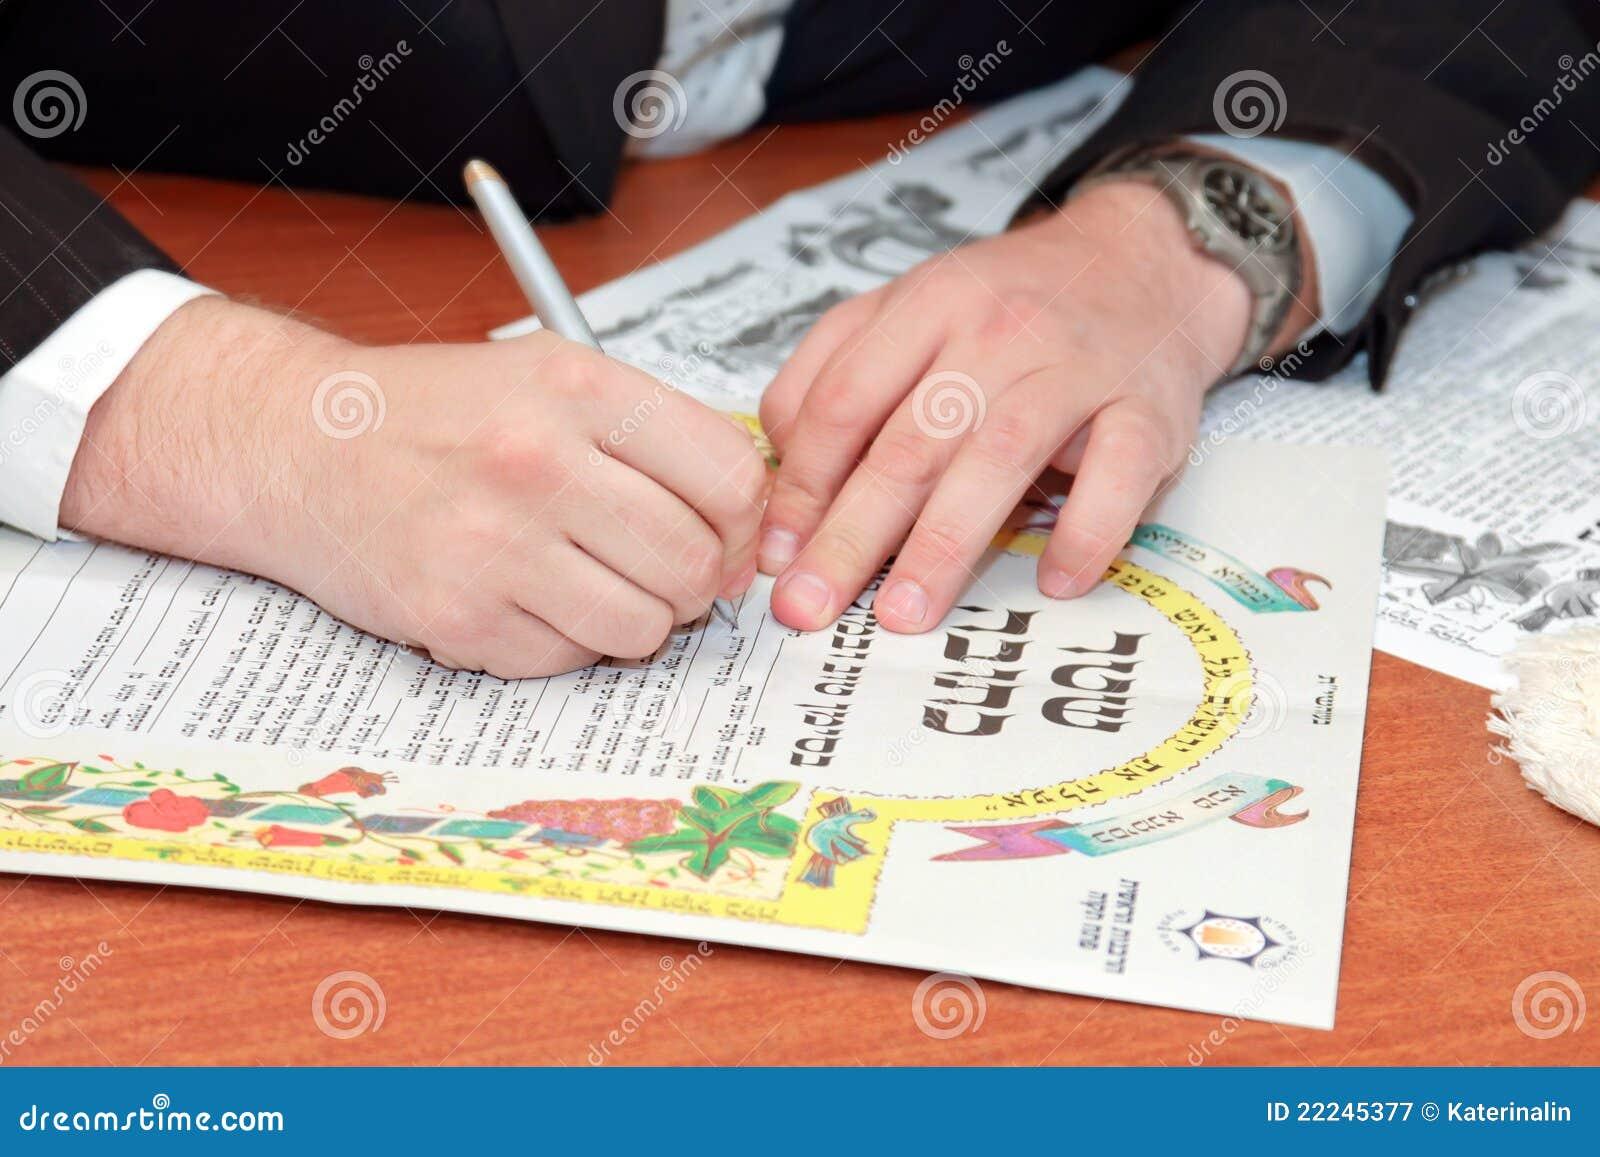 Joods huwelijk prenuptial overeenkomst ketubah stock